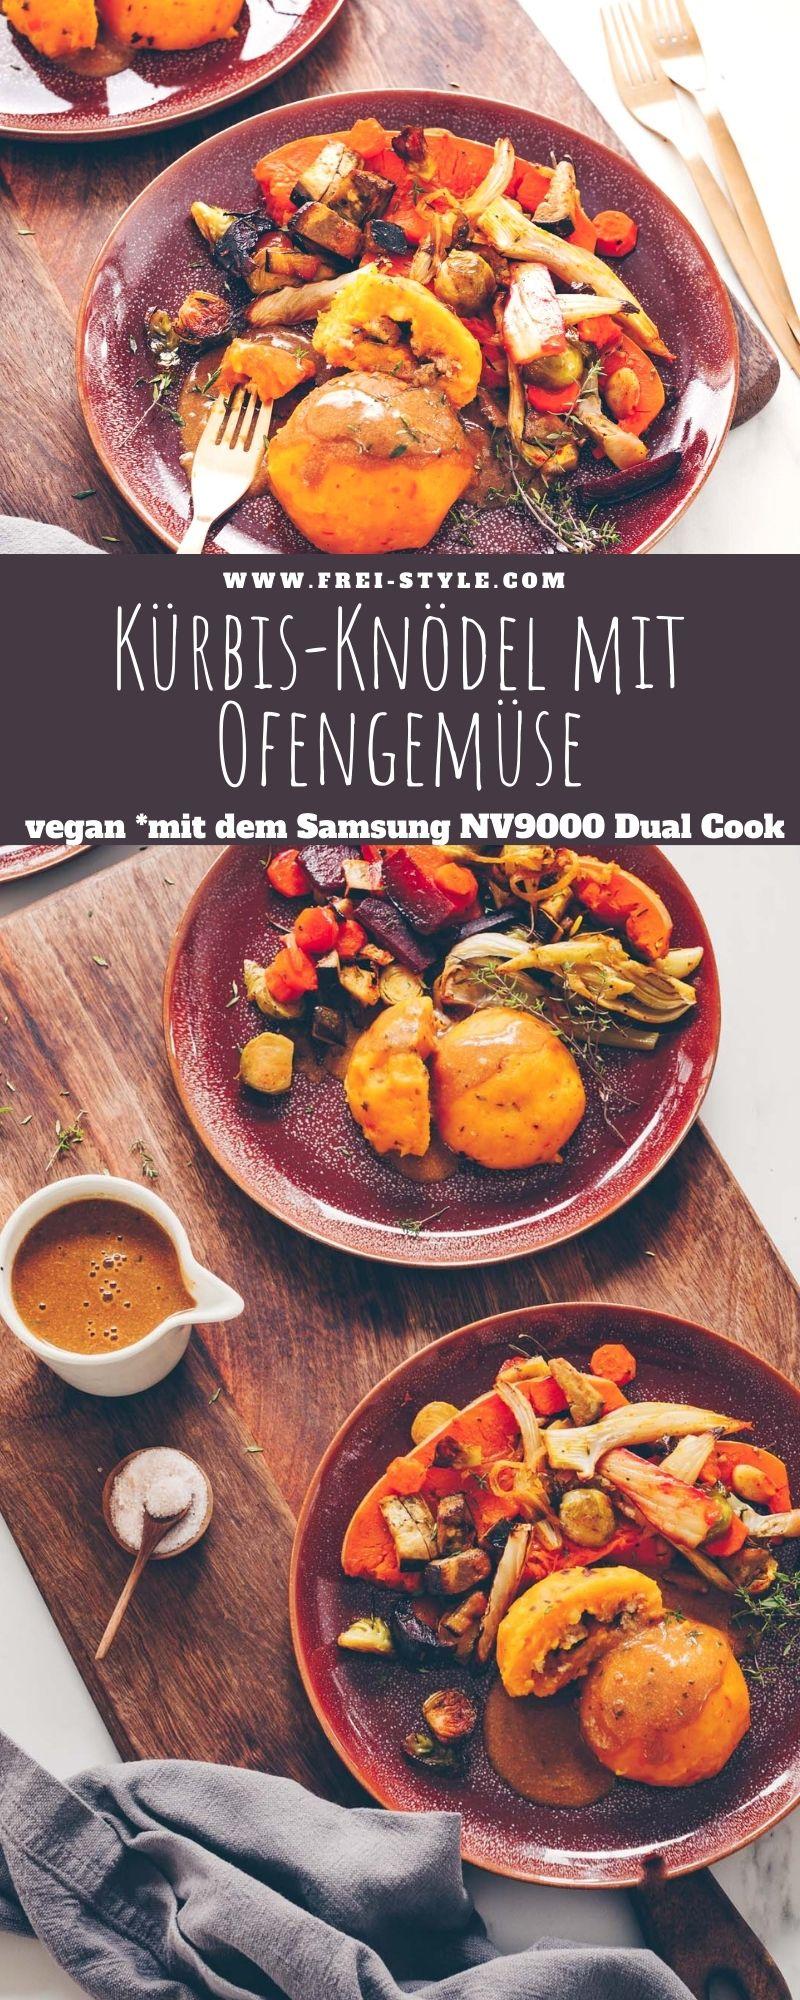 Kürbis-Knödel mit Ofengemüse vegan